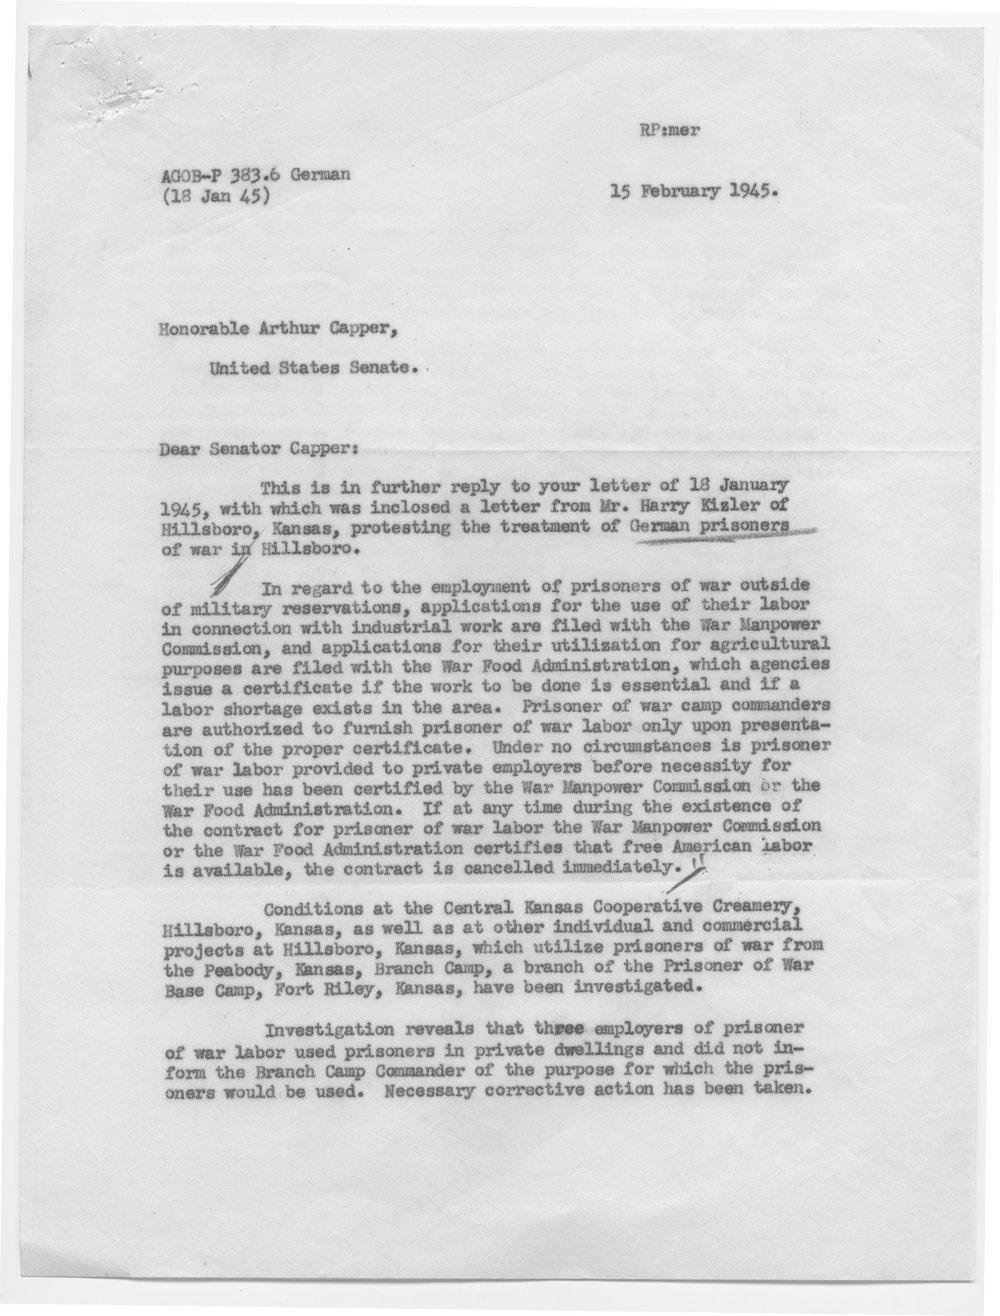 Major General J.A. Ulio to Senator Arthur Capper - 1